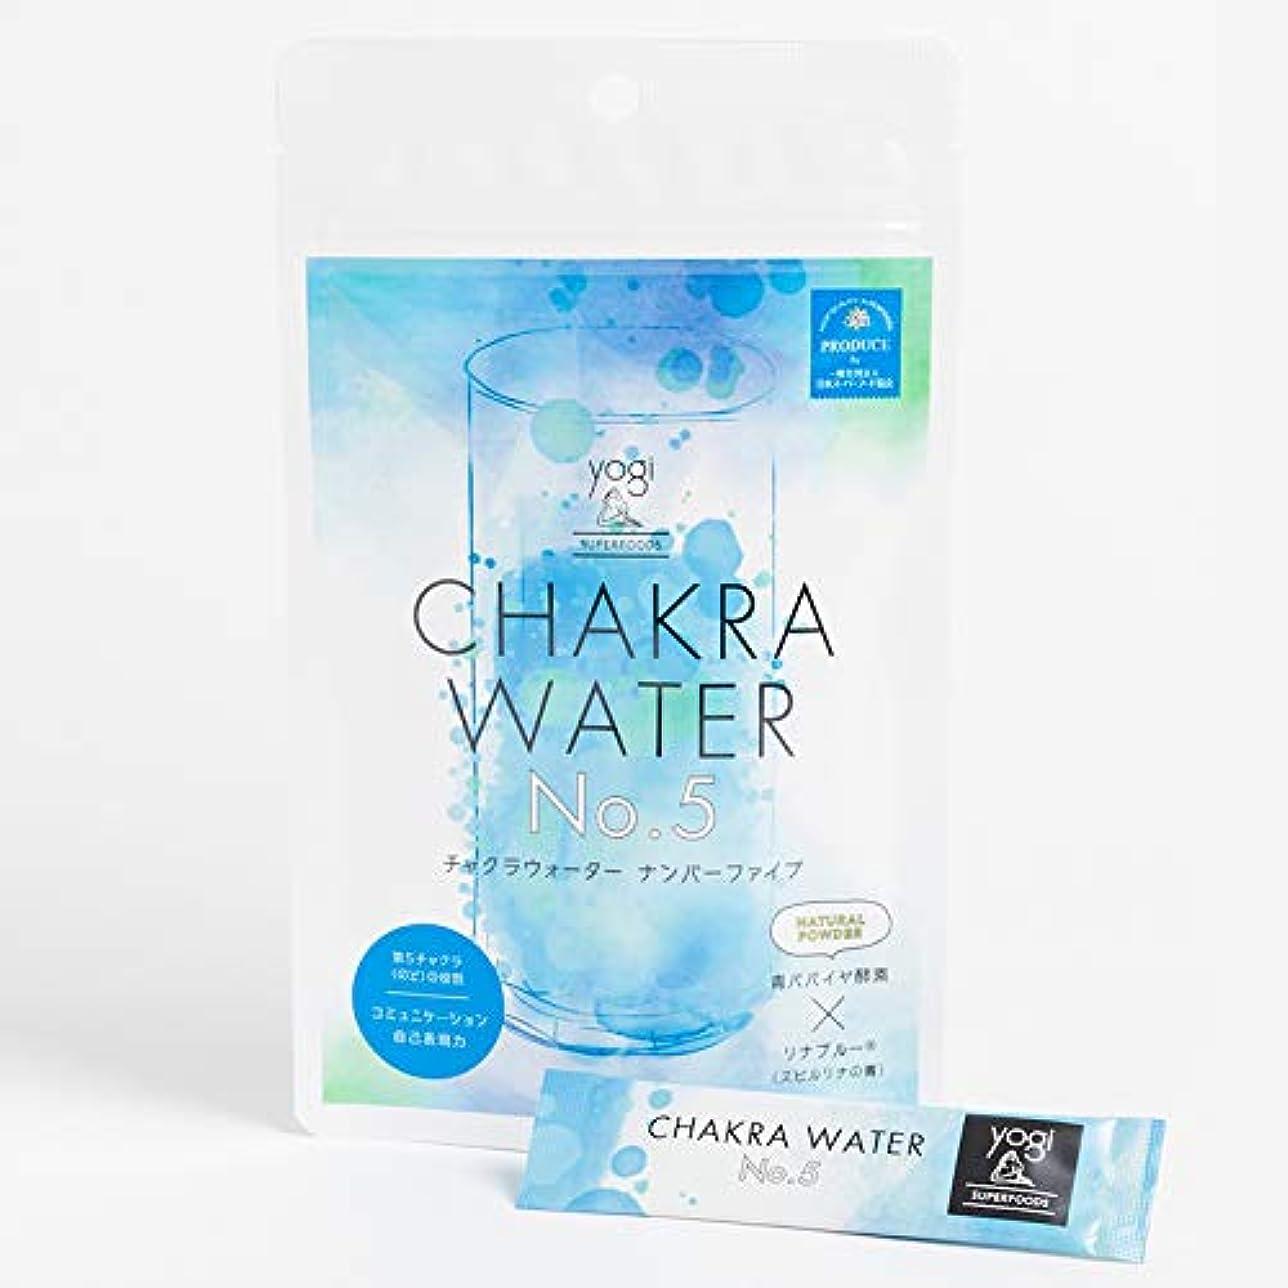 チャクラウォーター No.5 ヨガワークス 7袋入り 青パパイヤ酵素ドリンクパウダー yogaworks